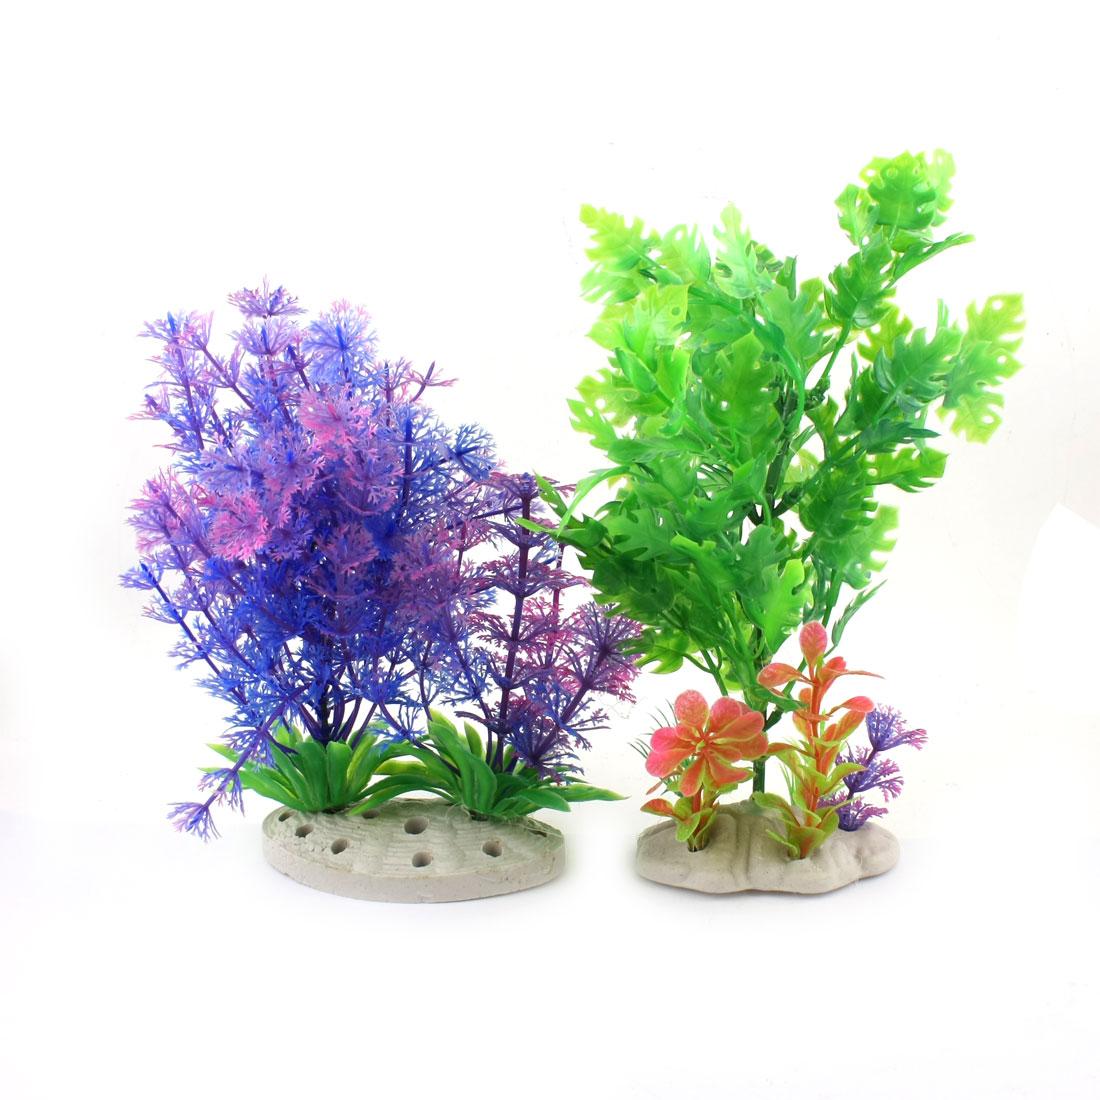 Unique Bargains 2 Pcs Blue Green Artificial Emulational Underwater Plant Decor for Fishbowl